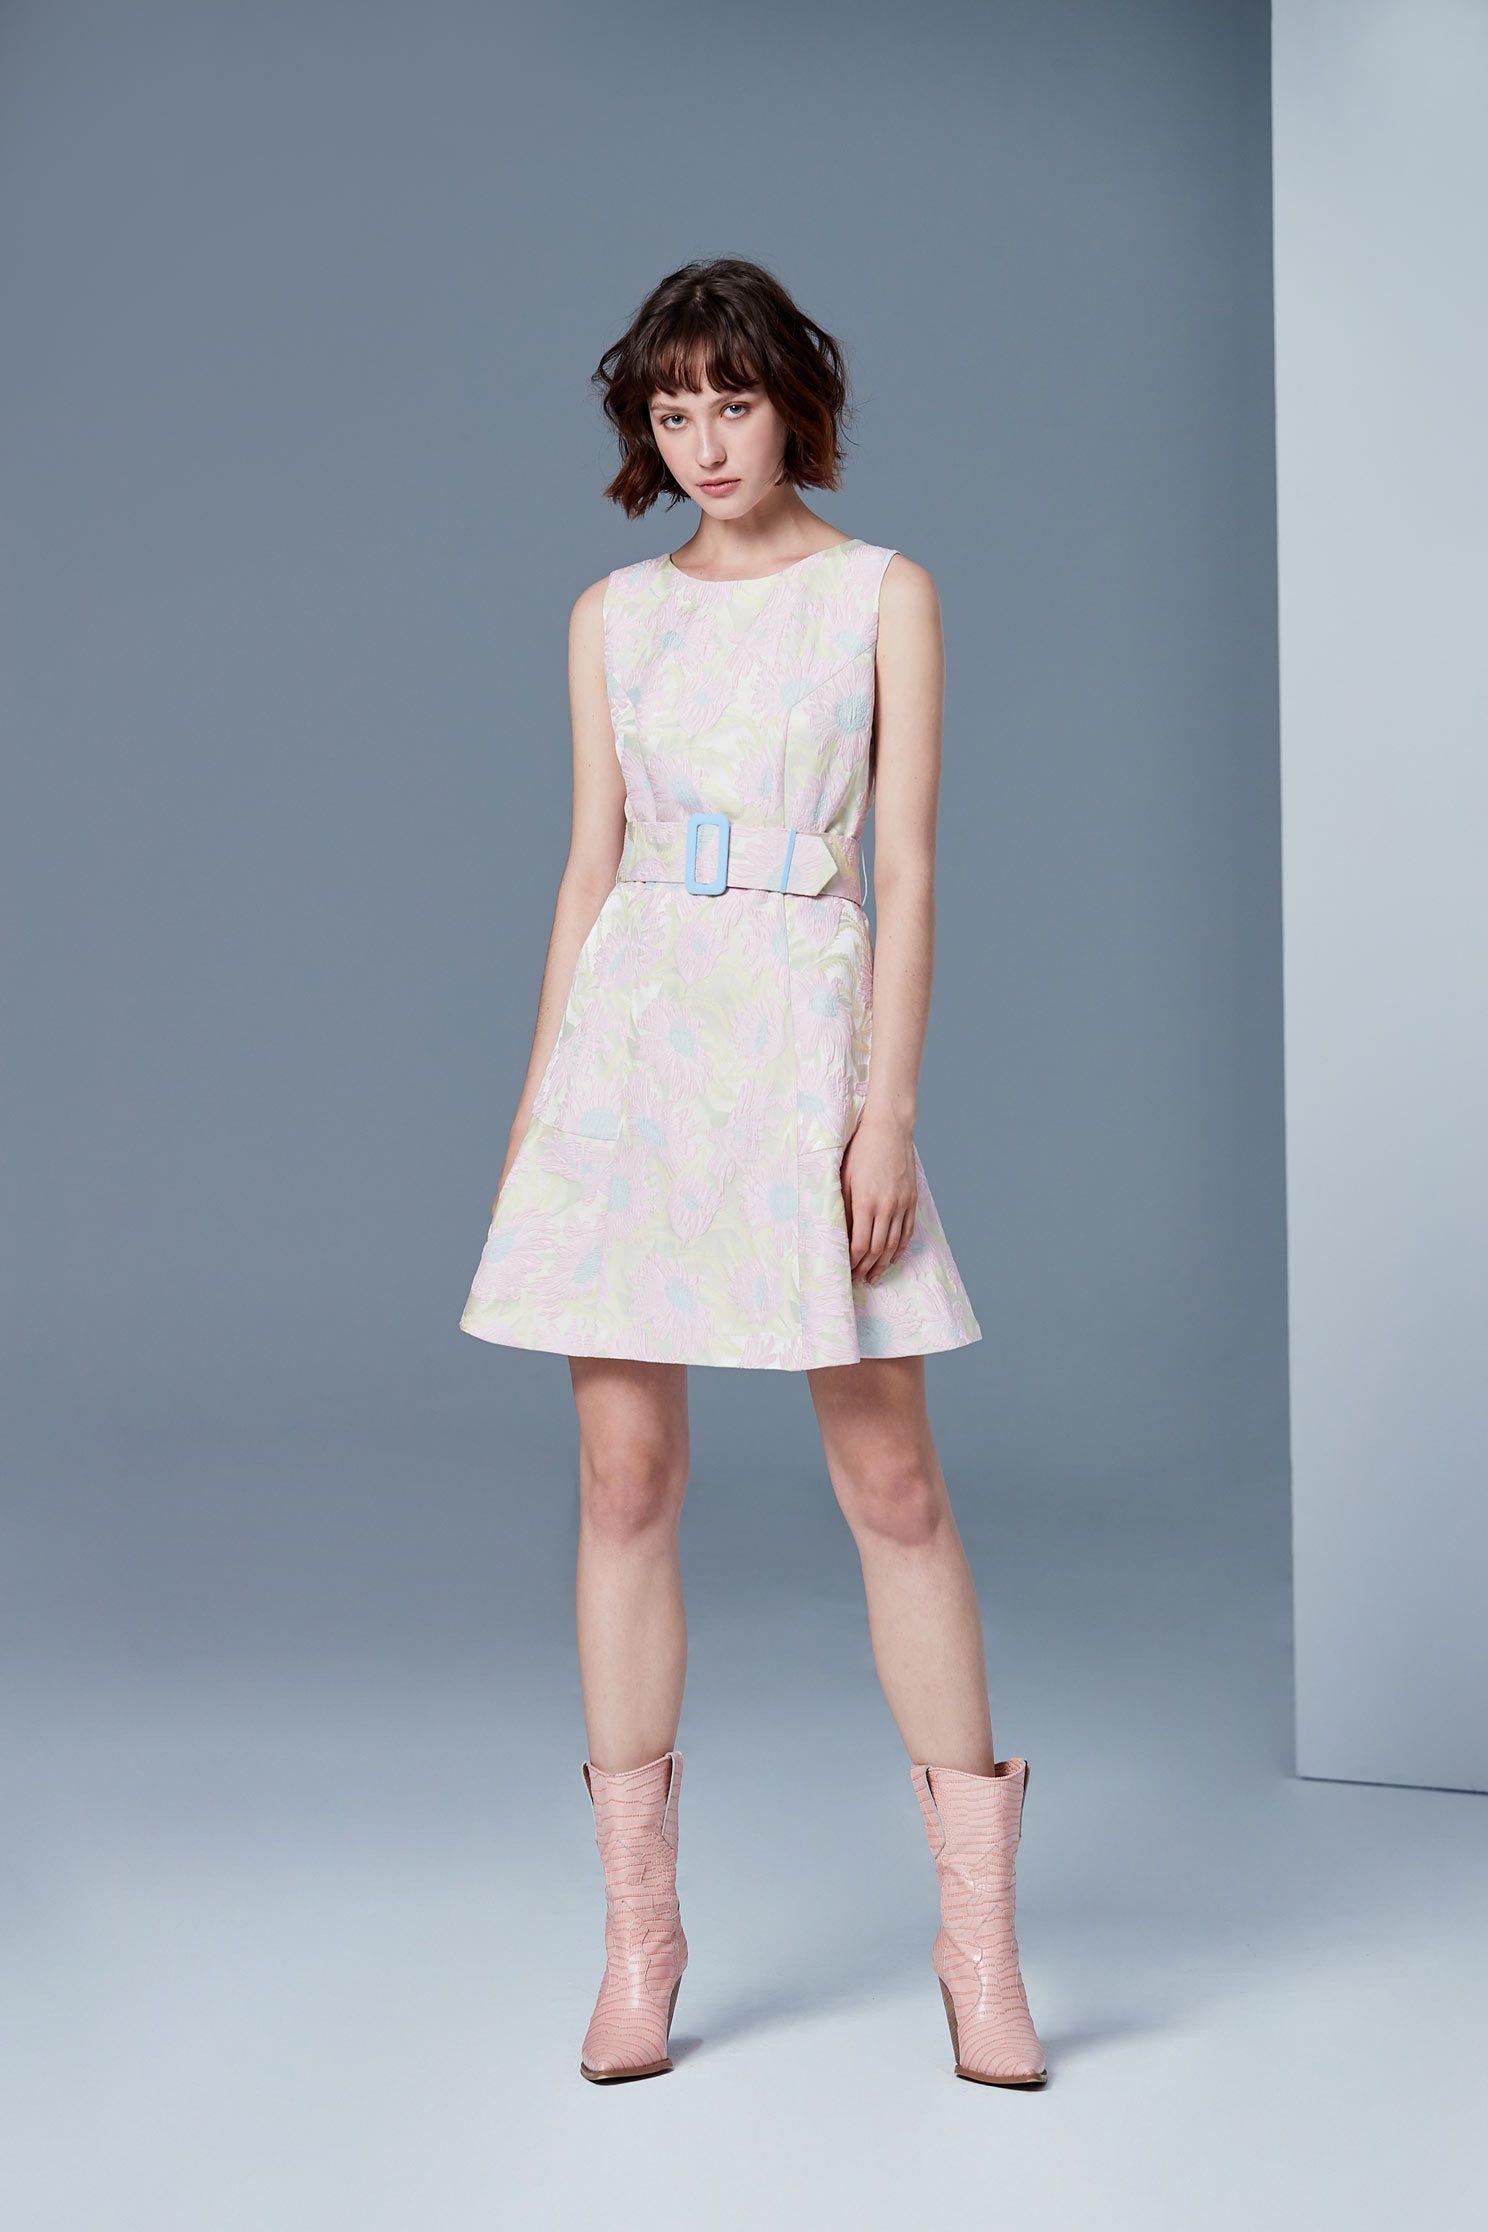 Floral gorgeous dress